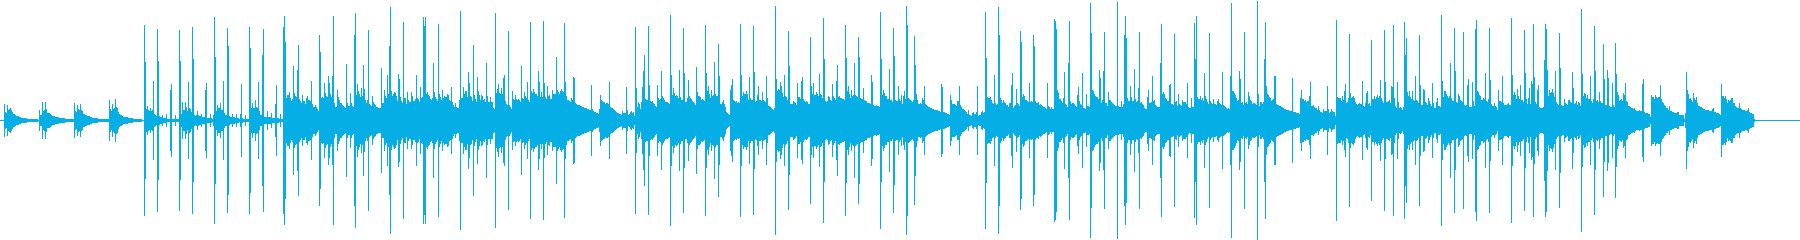 同じようなフレーズが繰り返される曲の再生済みの波形